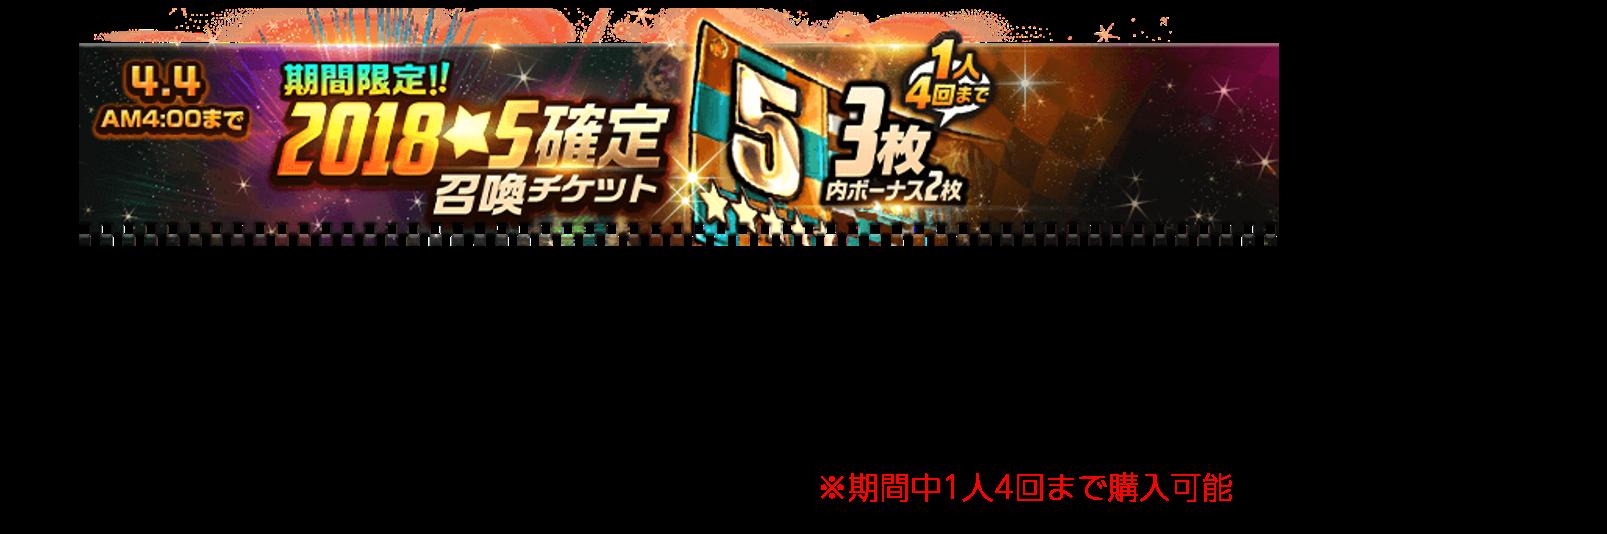 2018★5確定召喚チケット